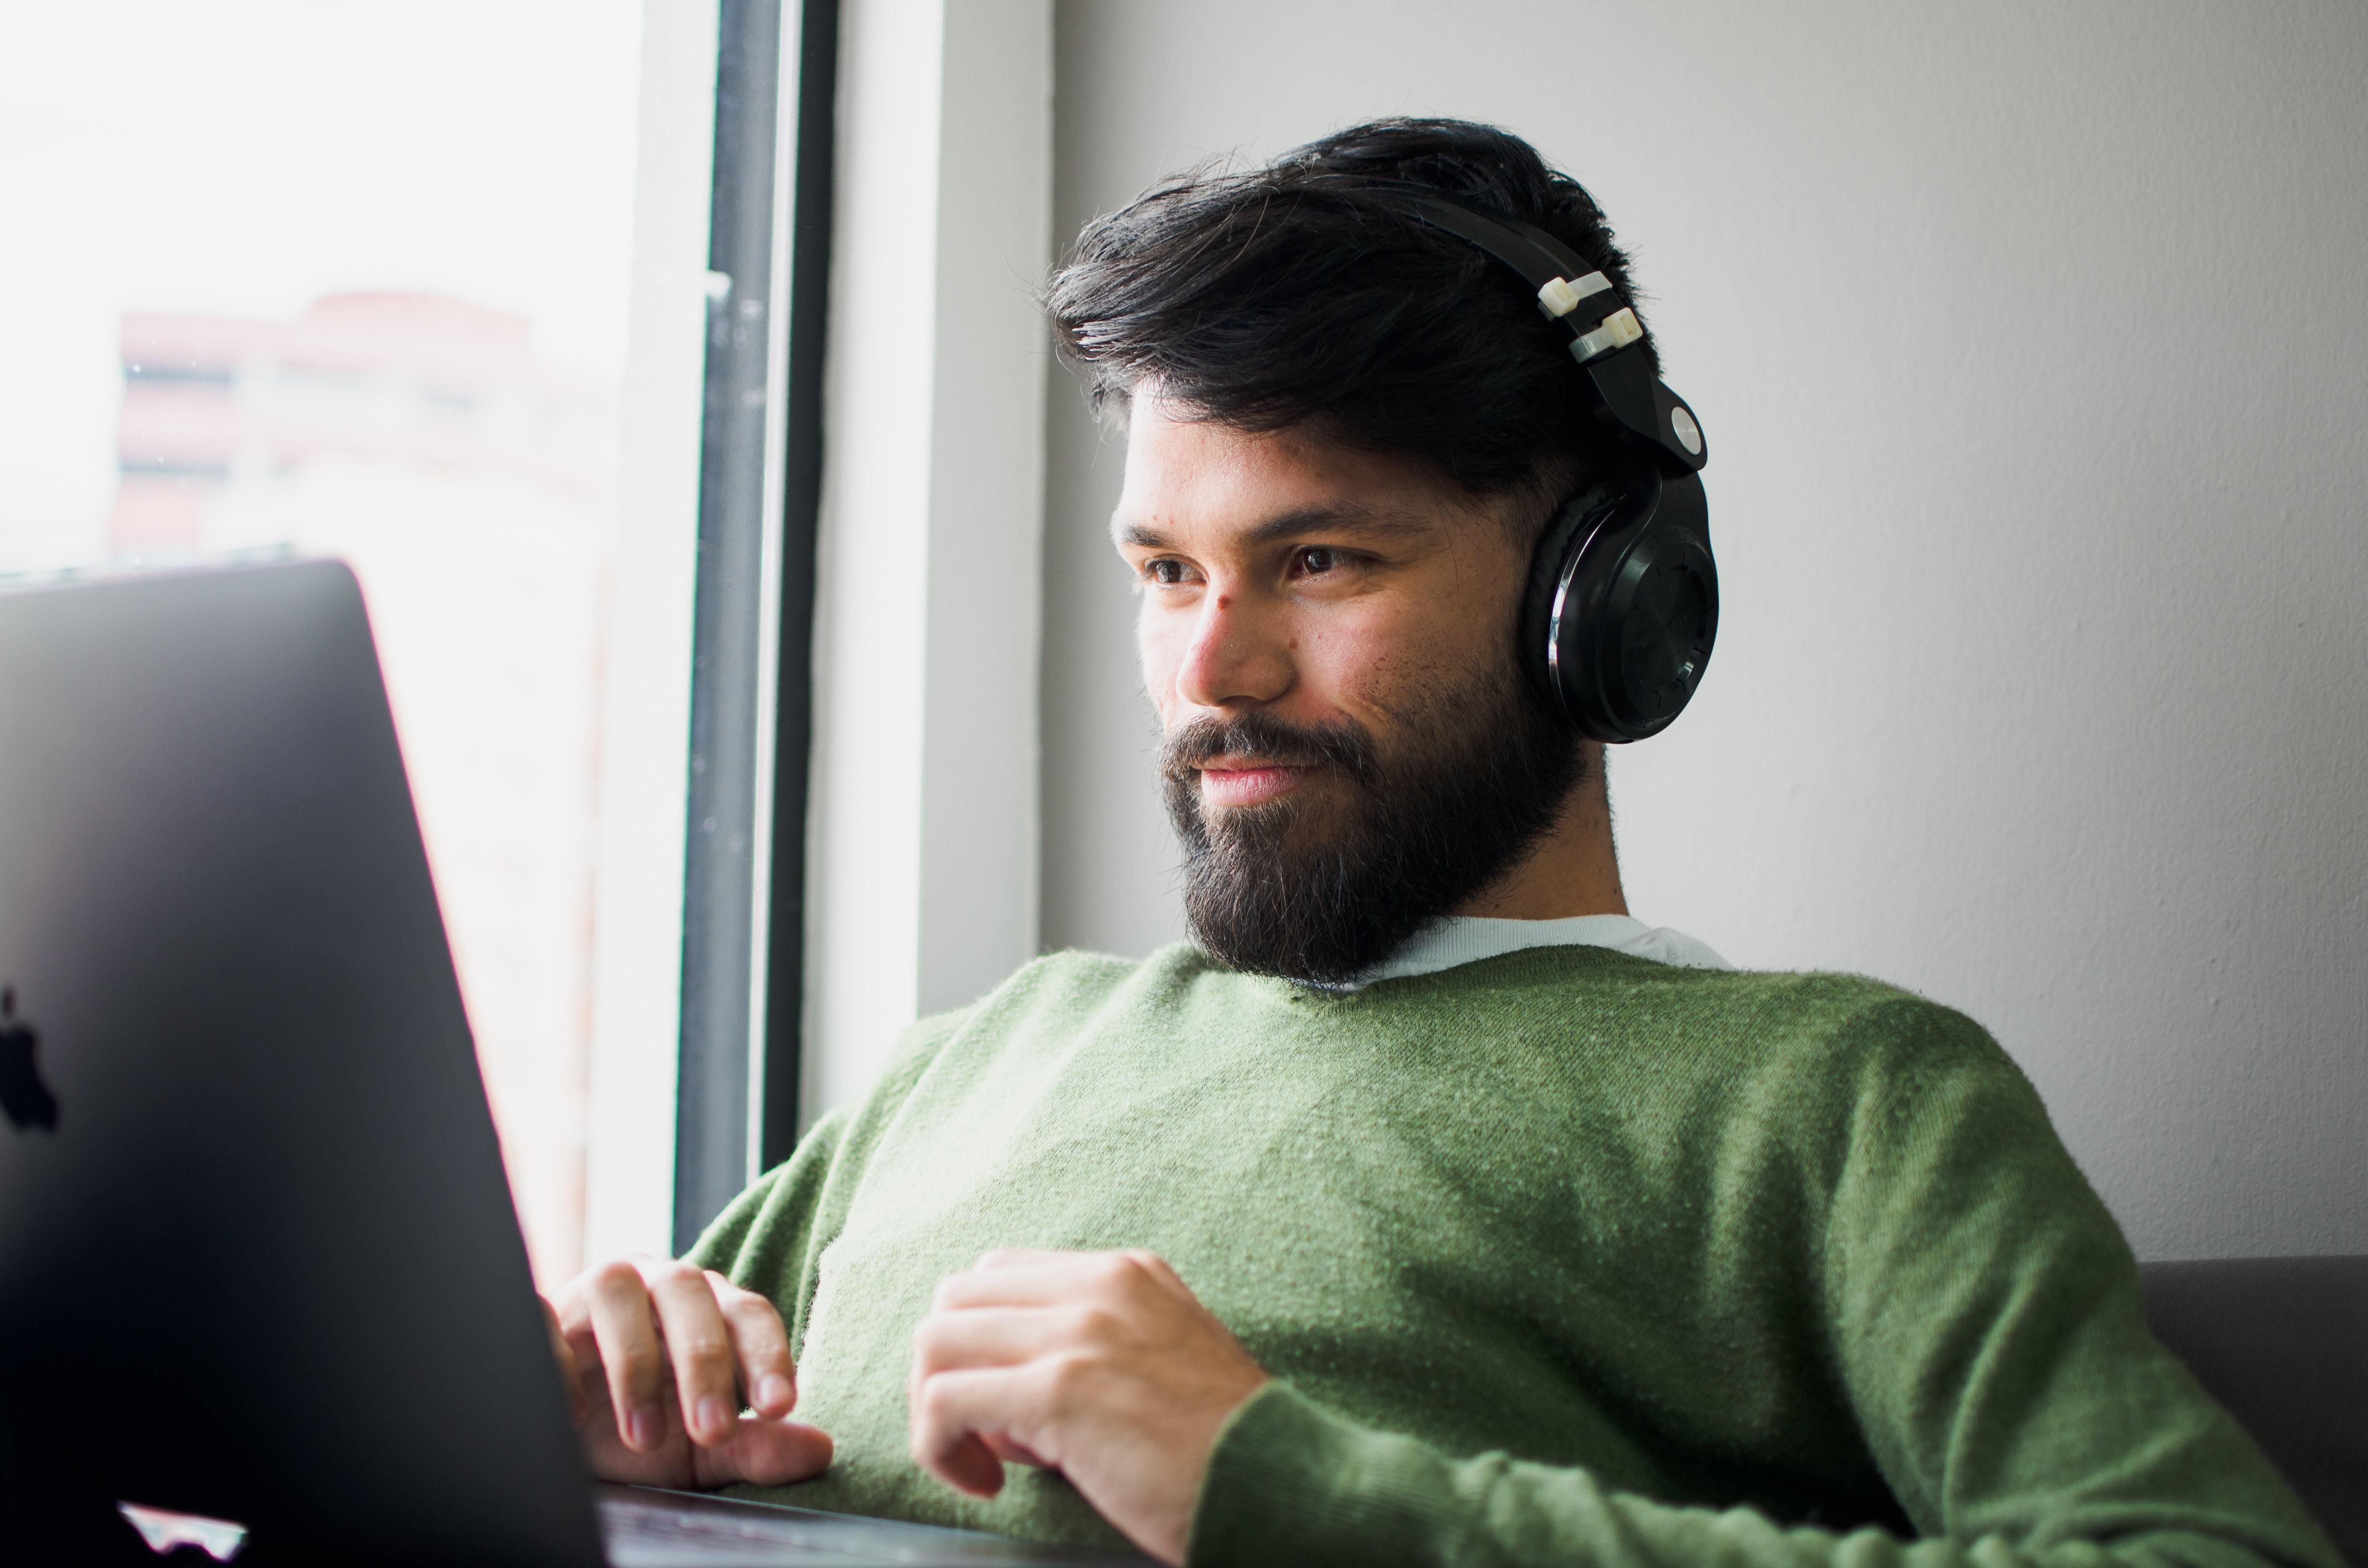 man wearing headphones while looking at MacBook